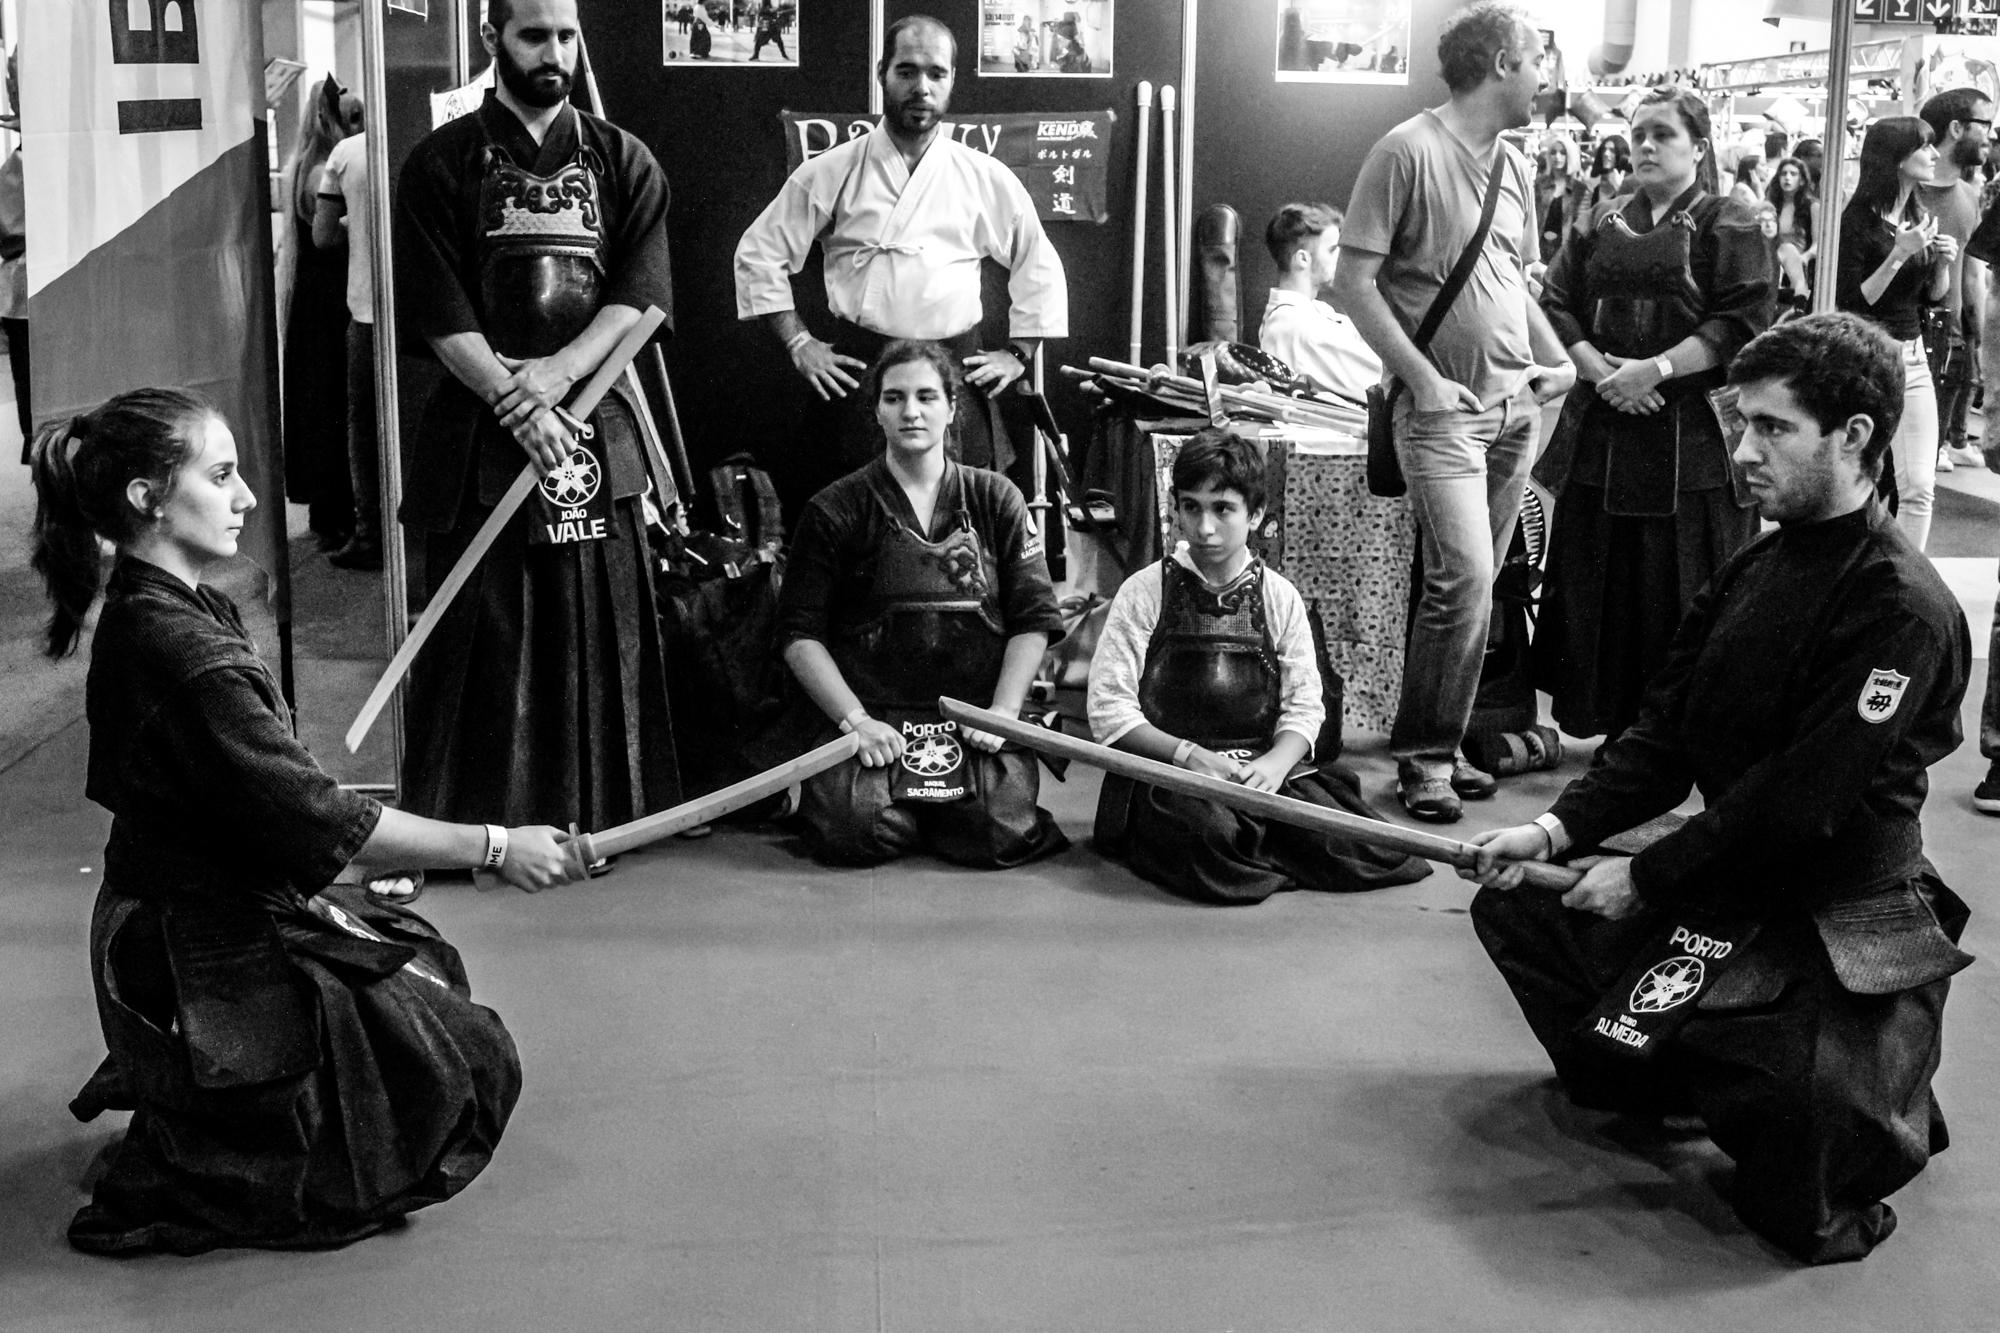 Evento inclui demonstrações de várias artes marciais.